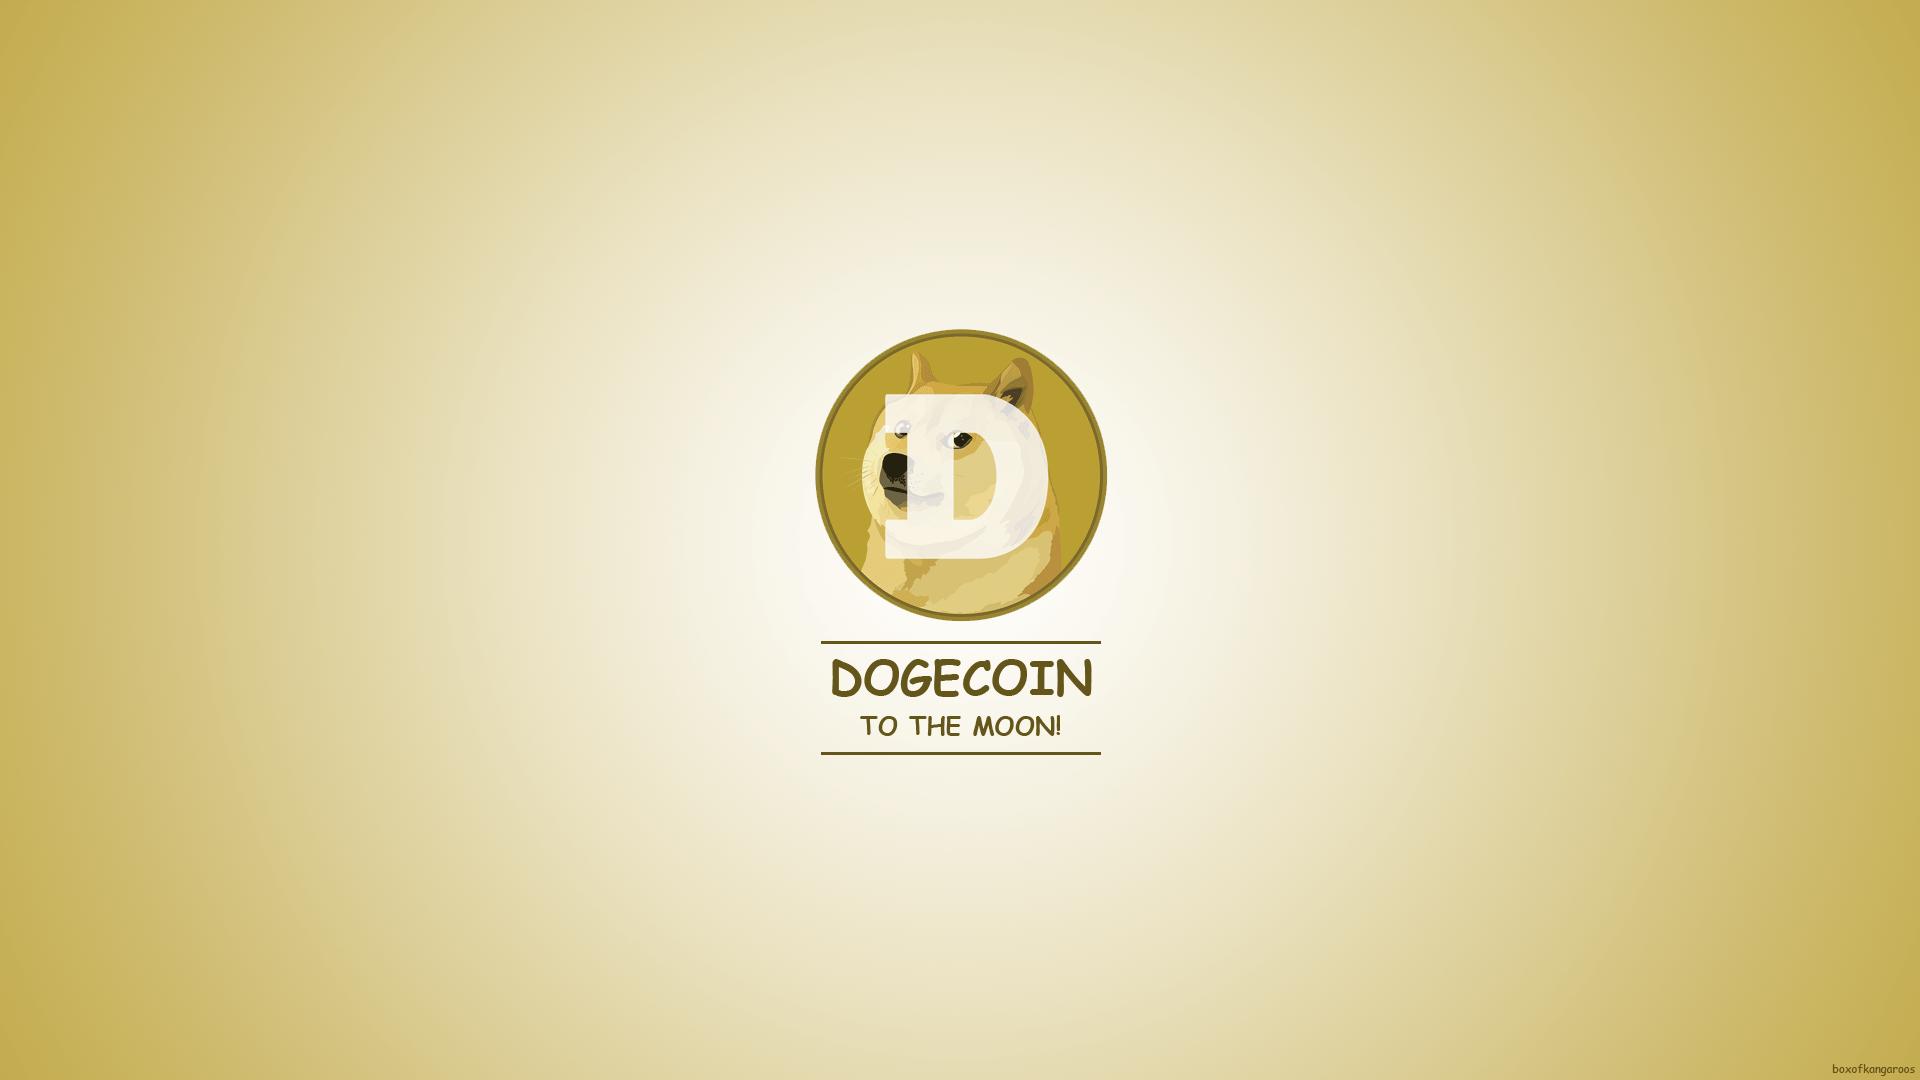 Dogecoin Wallpaper